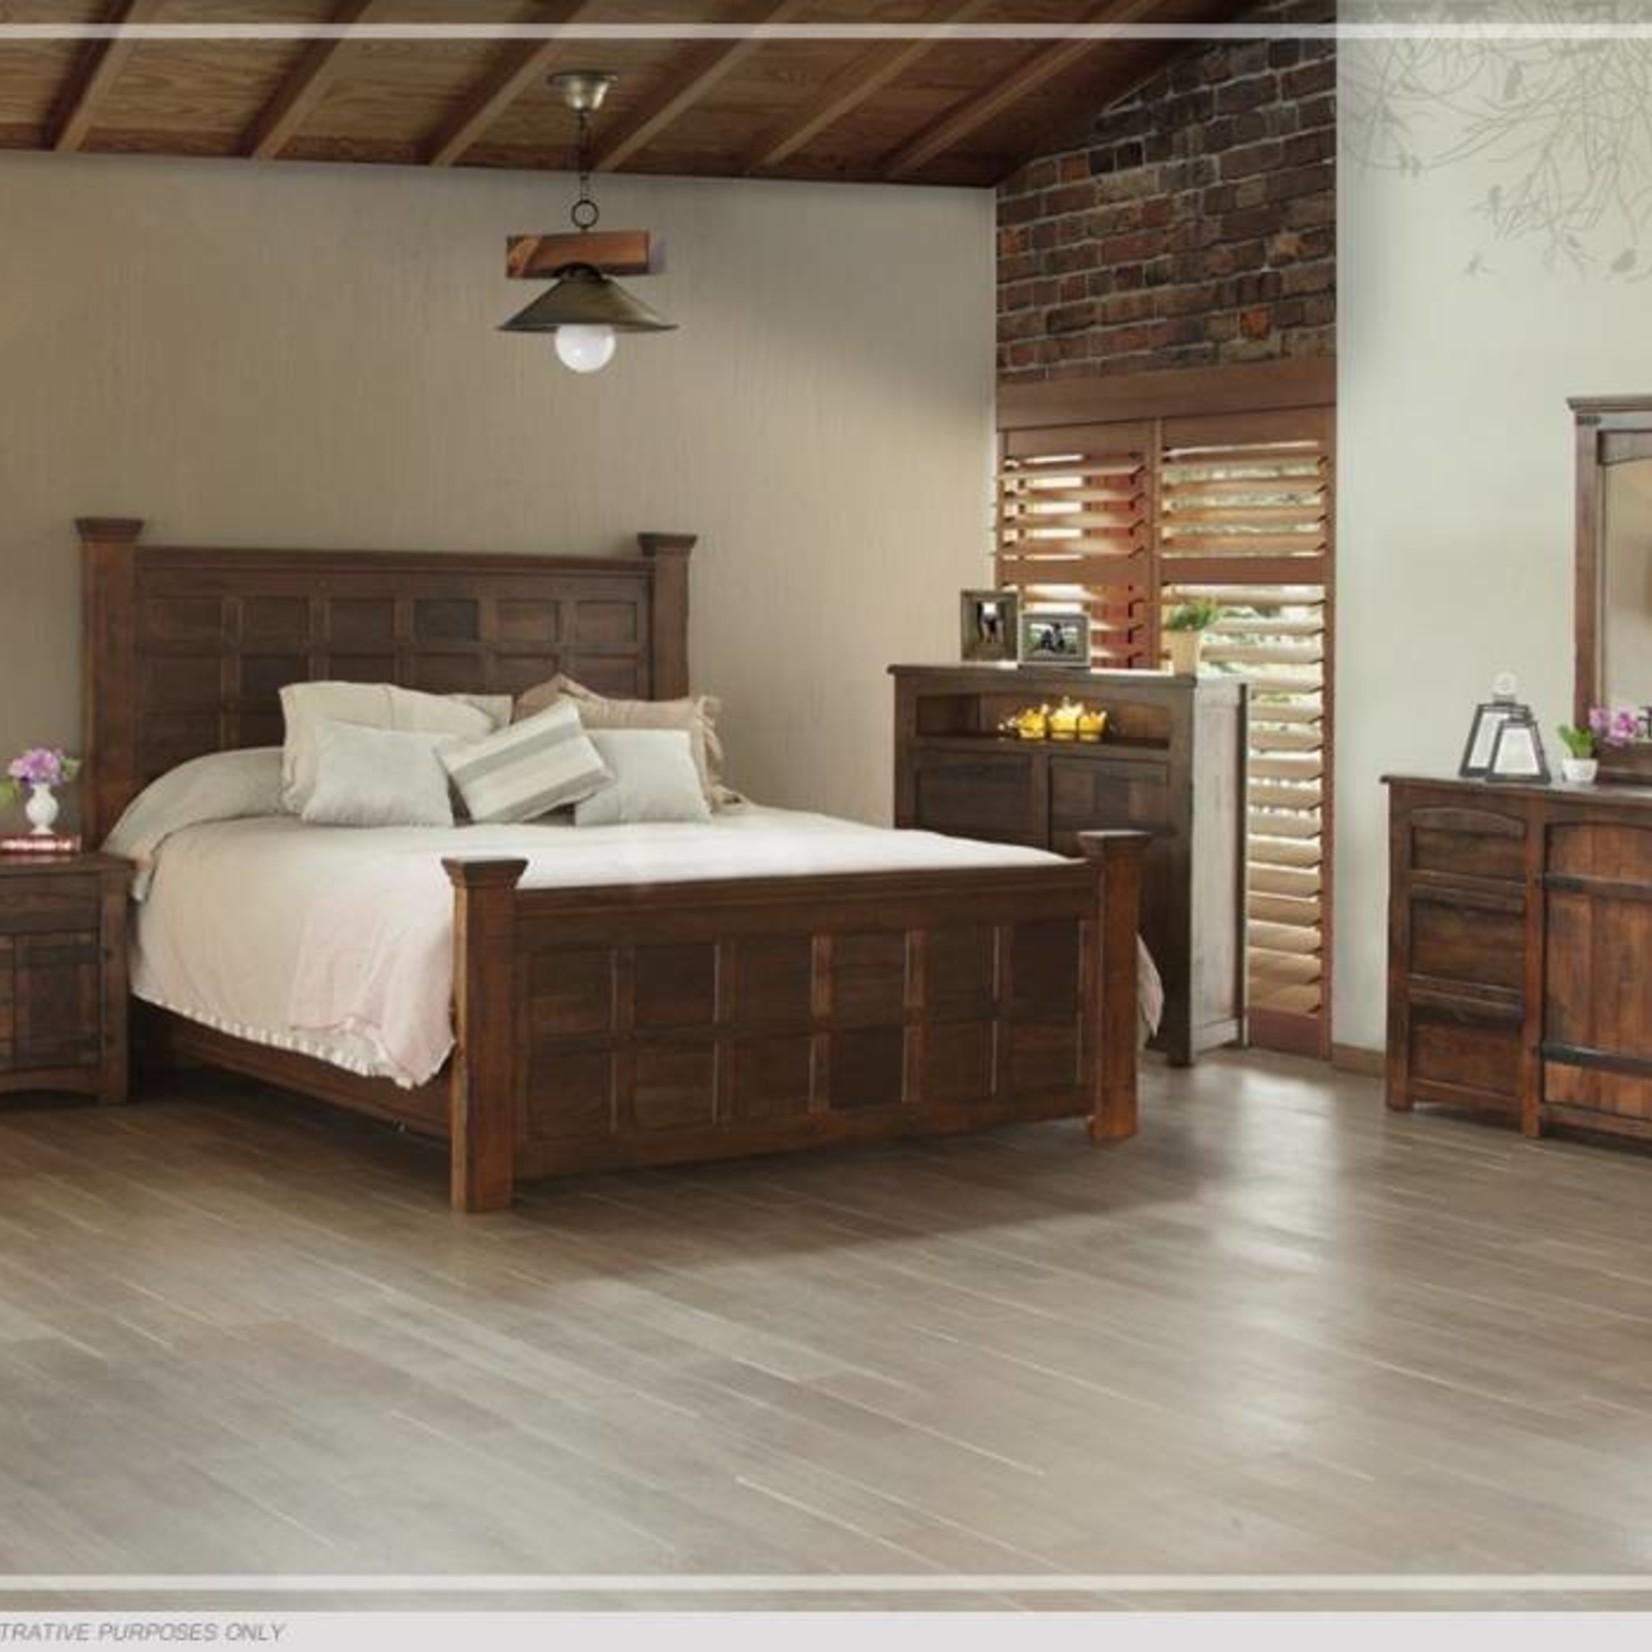 Mezcal Bed